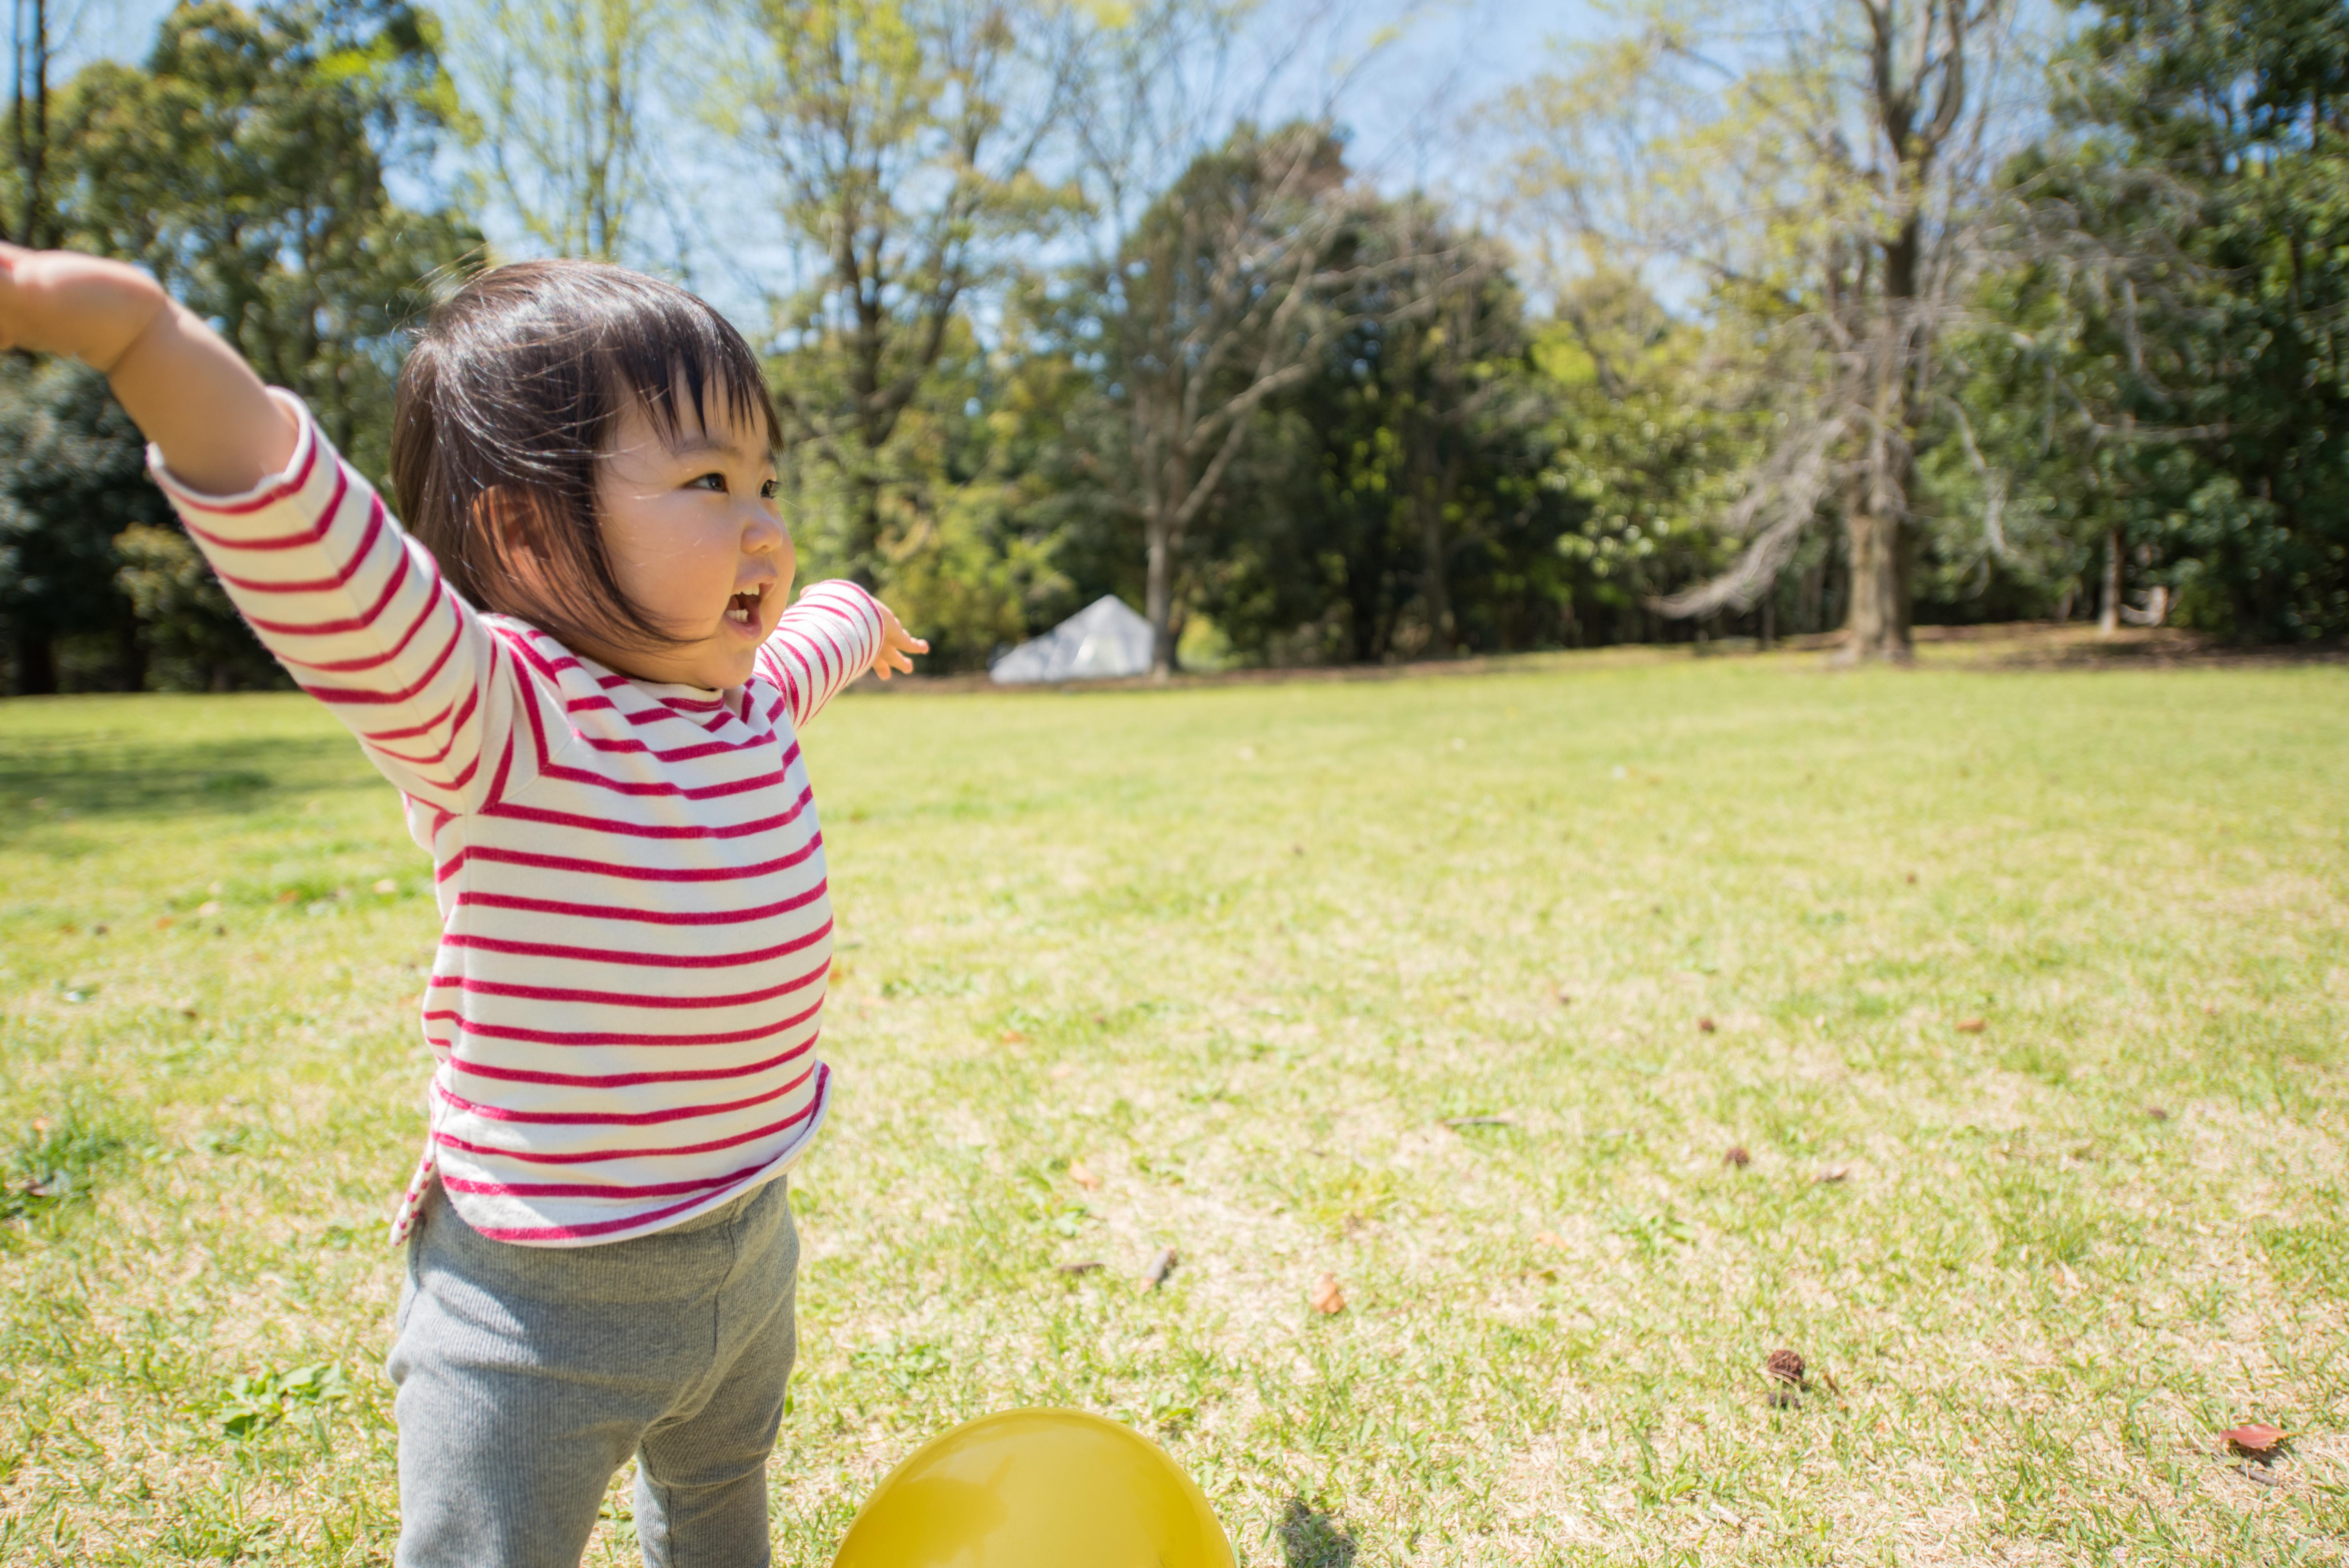 ・公園・芝生・子供